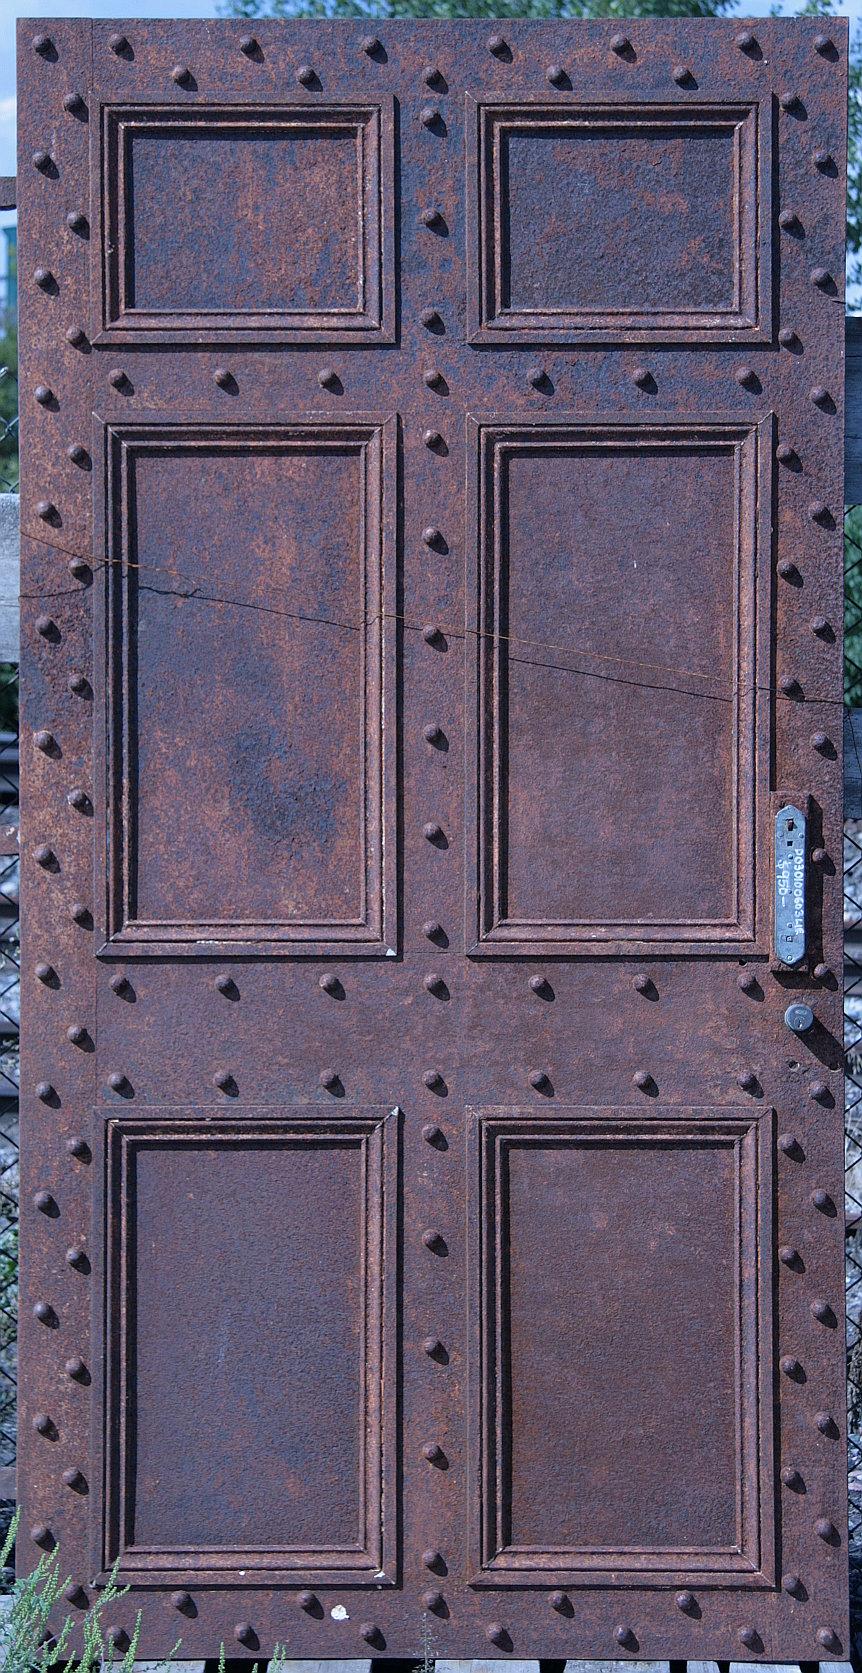 ... Rusty Iron Door 1 by barefootliam-stock & Rusty Iron Door 1 by barefootliam-stock on DeviantArt